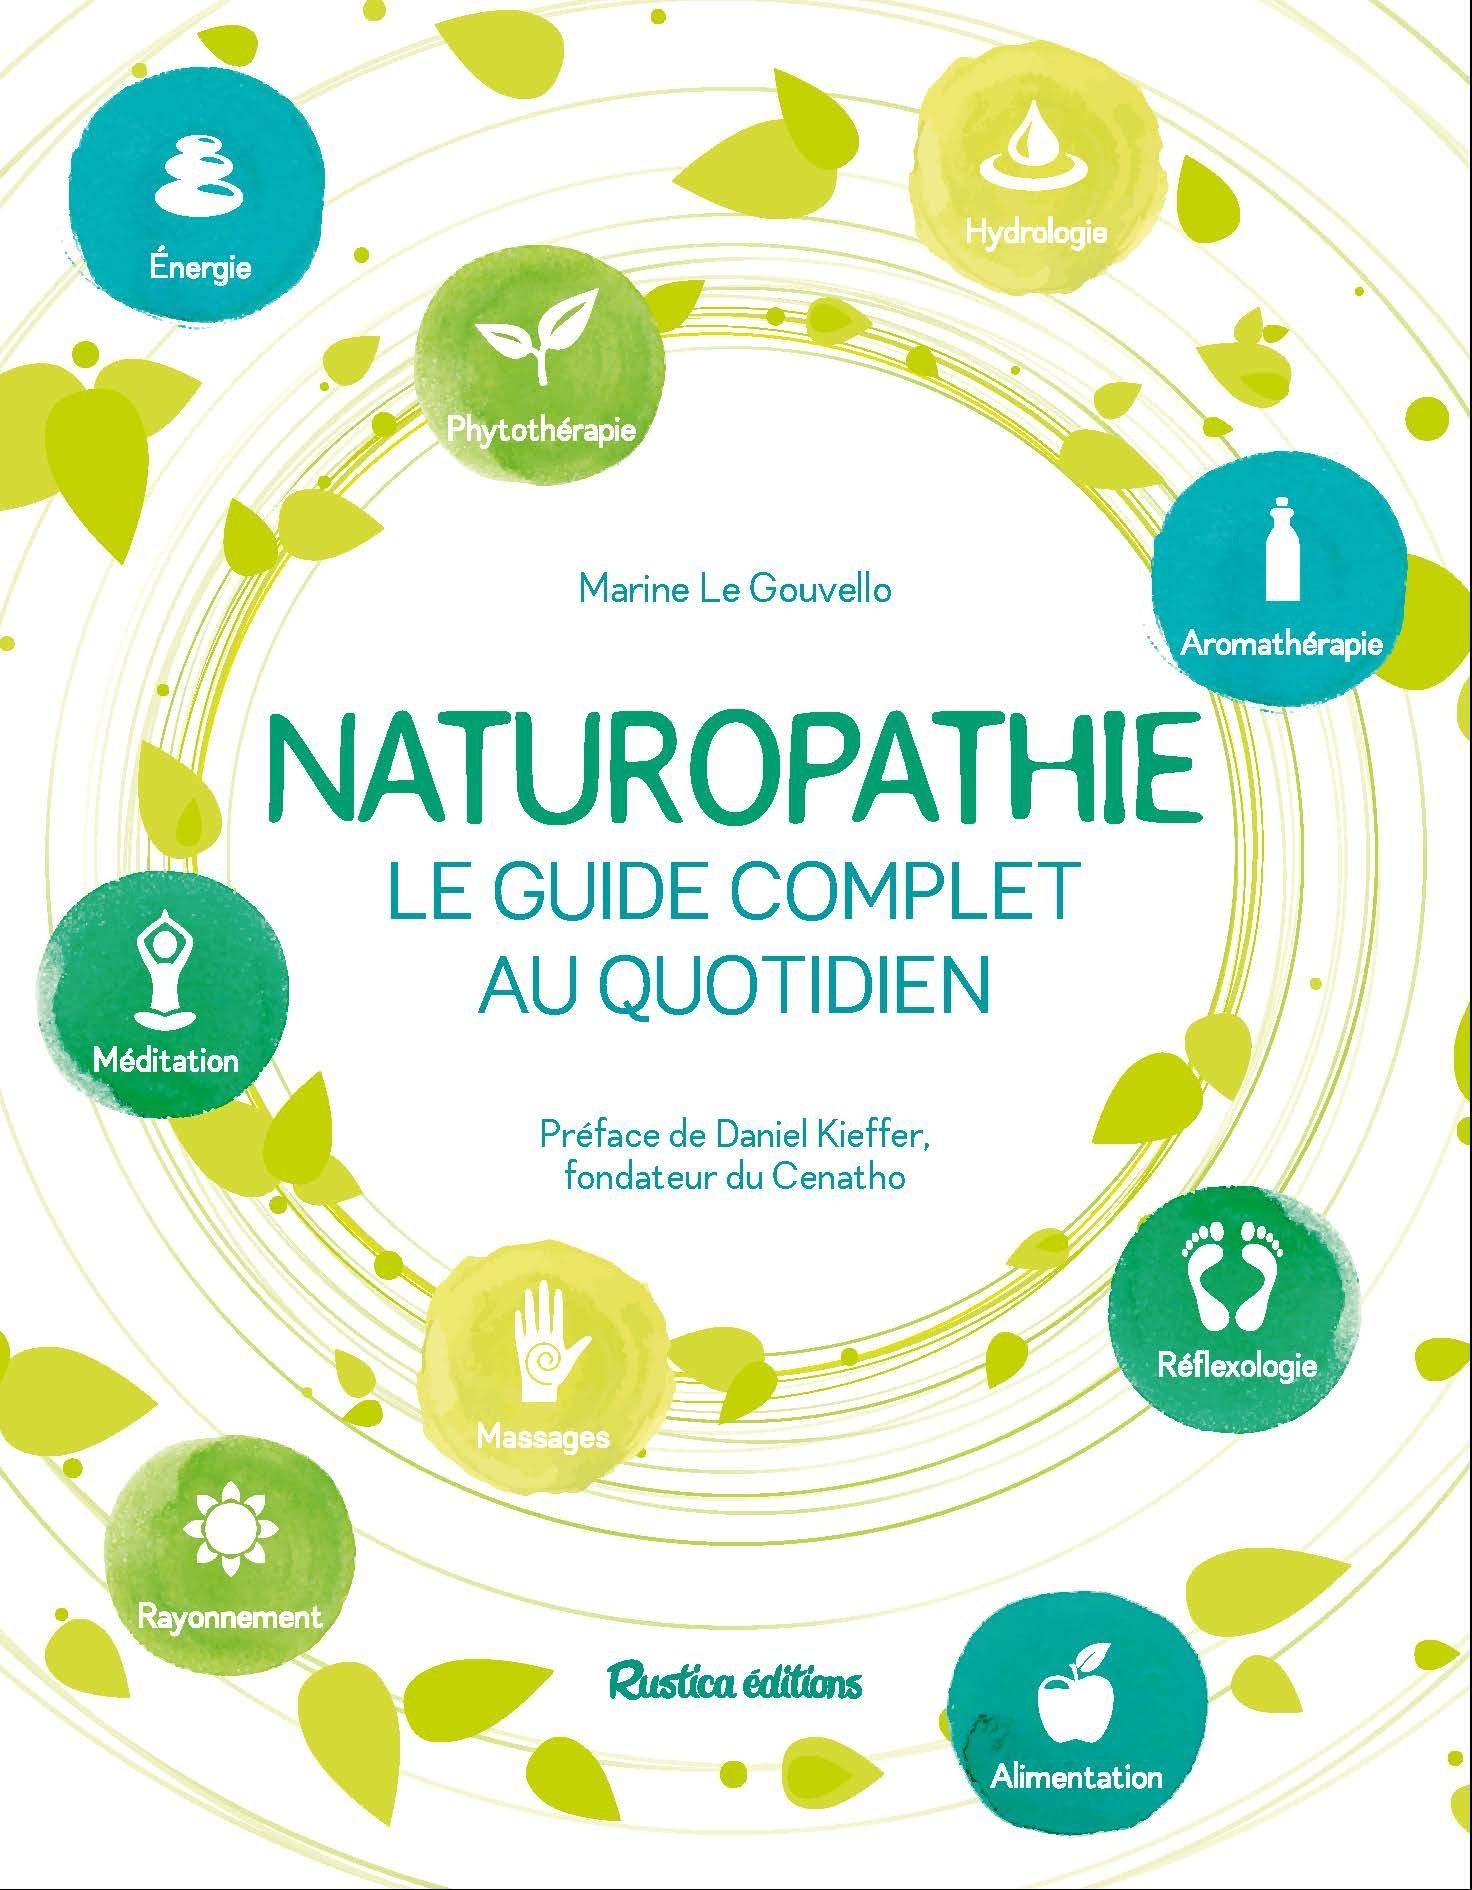 NATUROPATHIE, LE GUIDE COMPLET AU QUOTIDIEN